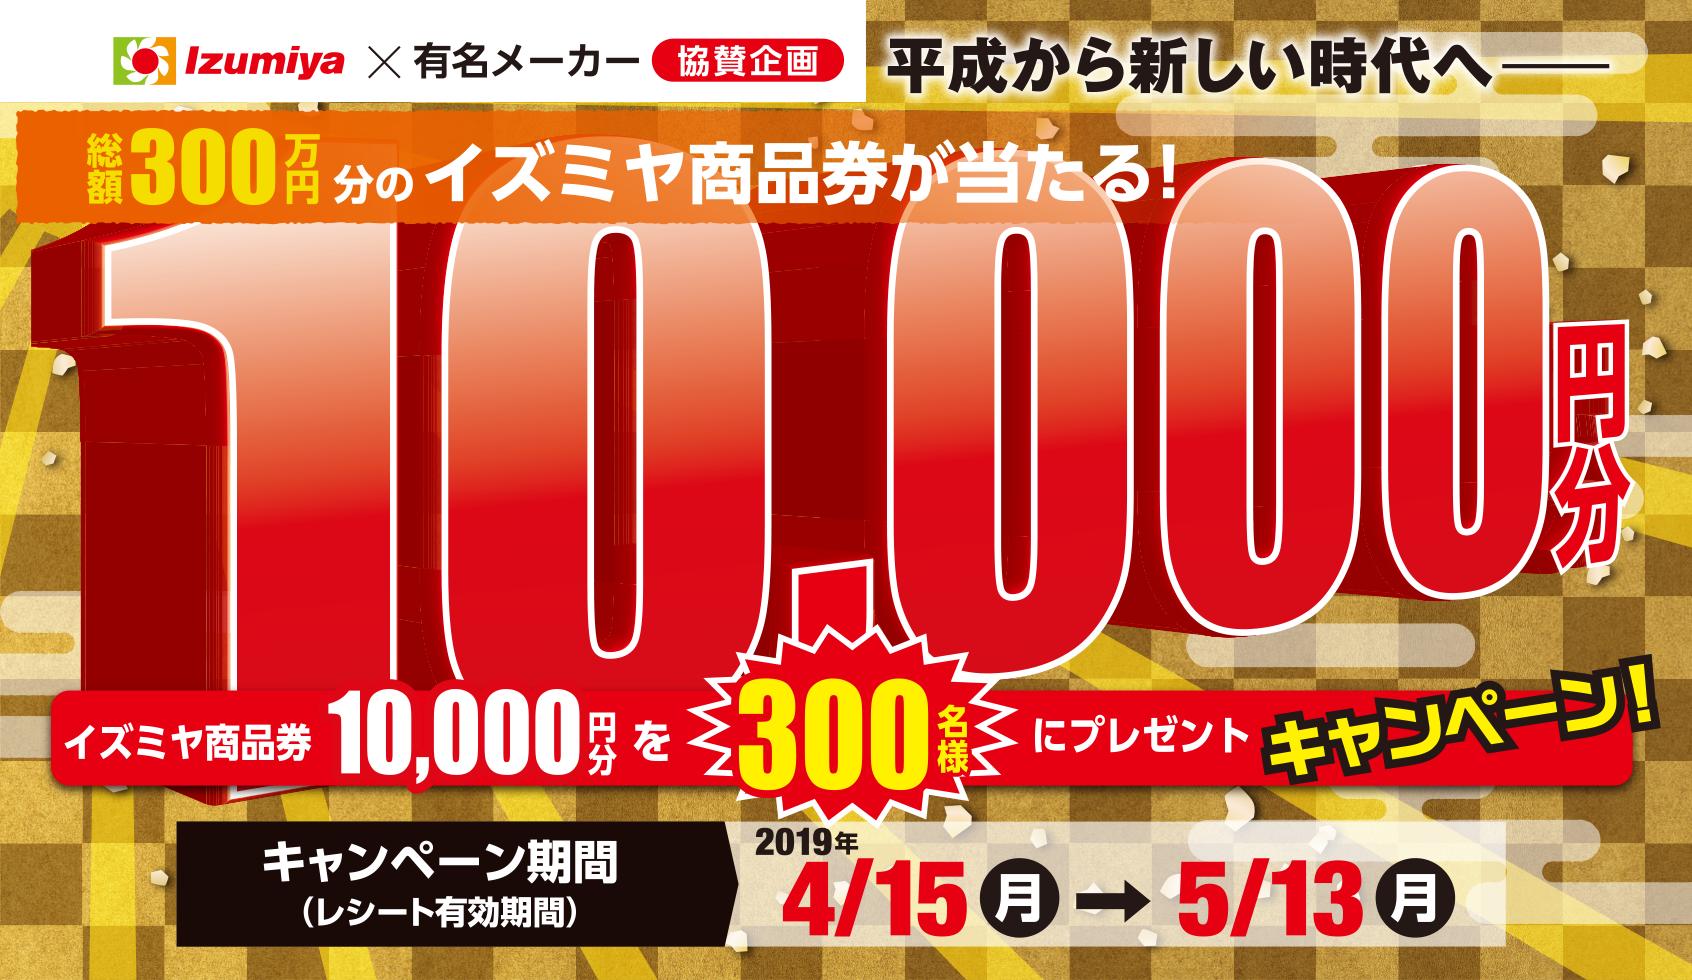 イズミヤ商品券10,000円分プレゼントキャンペーン